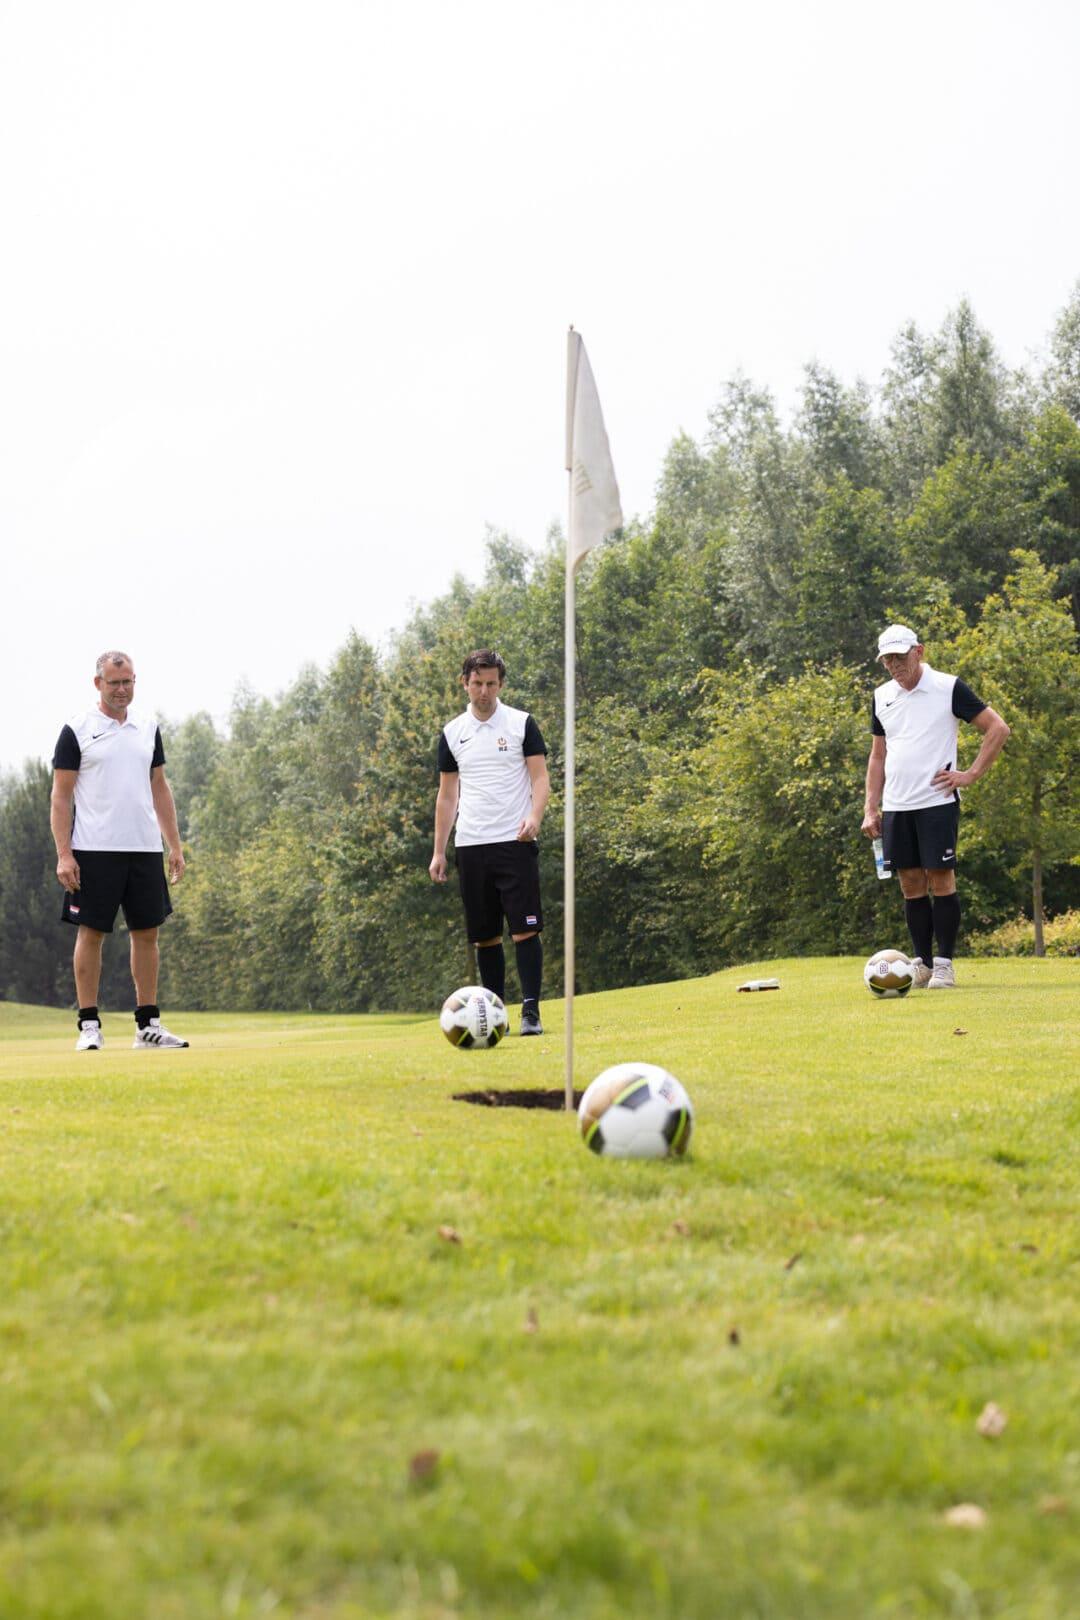 Uitholen op de 18-holes FootGolfbaan bij Tespelduyn